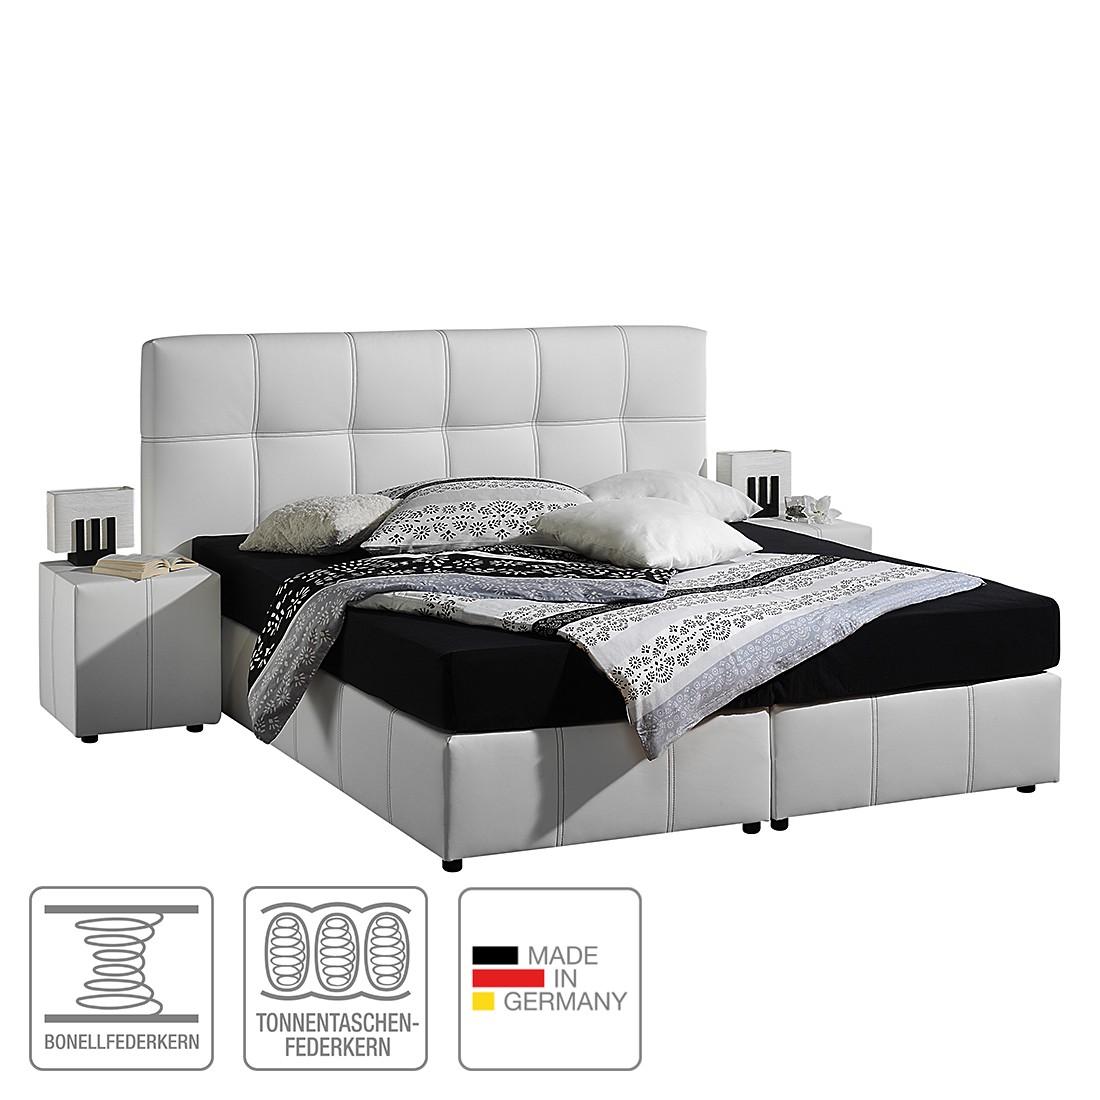 boxsprinbett annabel 140 x 200cm h2 bis 80 kg tonnentaschenfederkernmatratze wei. Black Bedroom Furniture Sets. Home Design Ideas